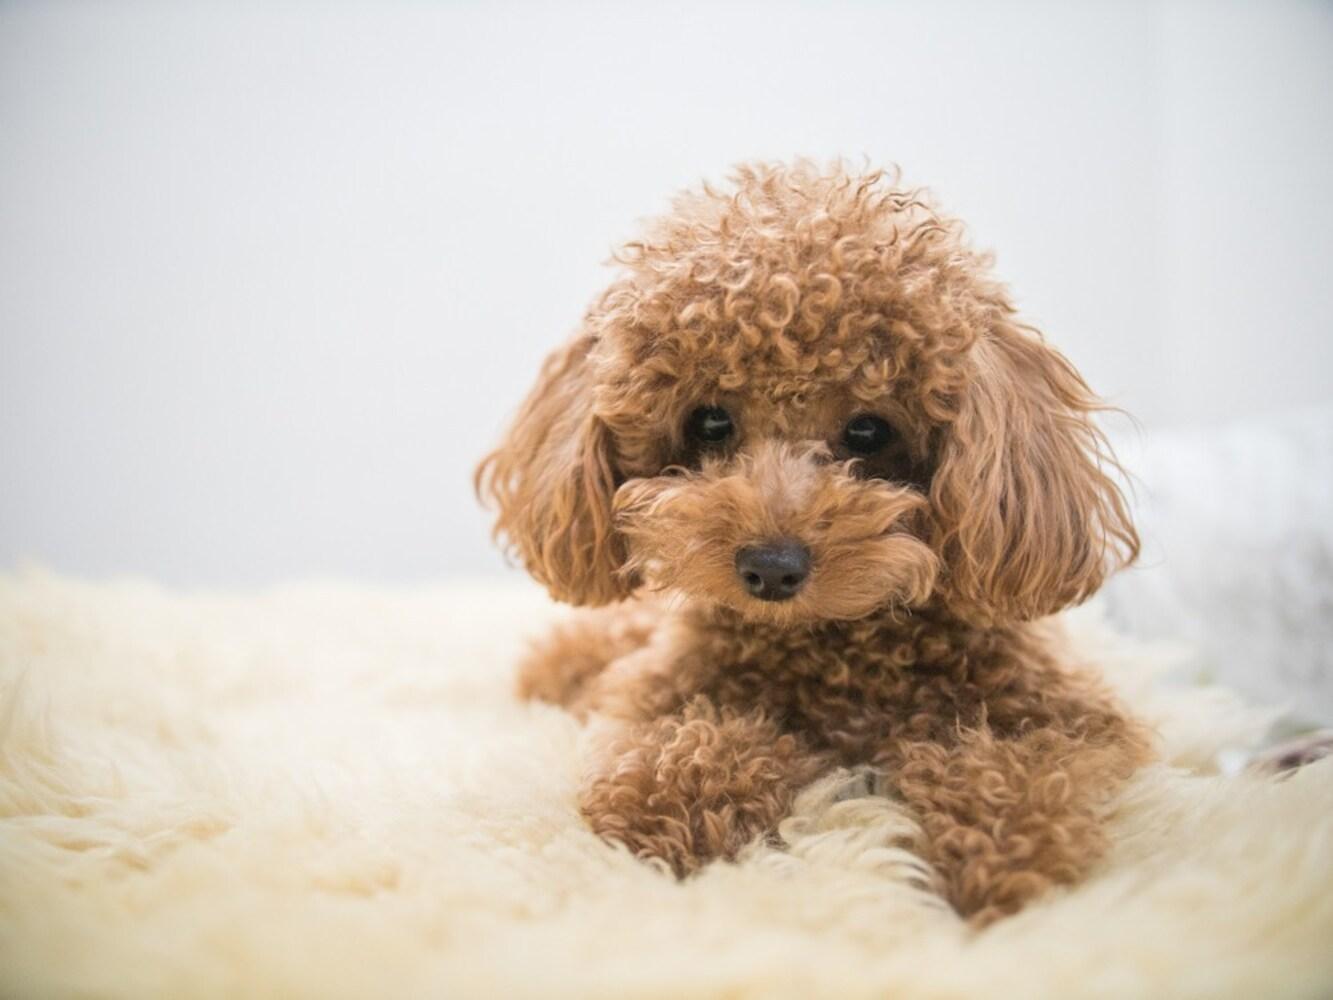 安全性|愛犬の健康を考えるなら無添加のものを